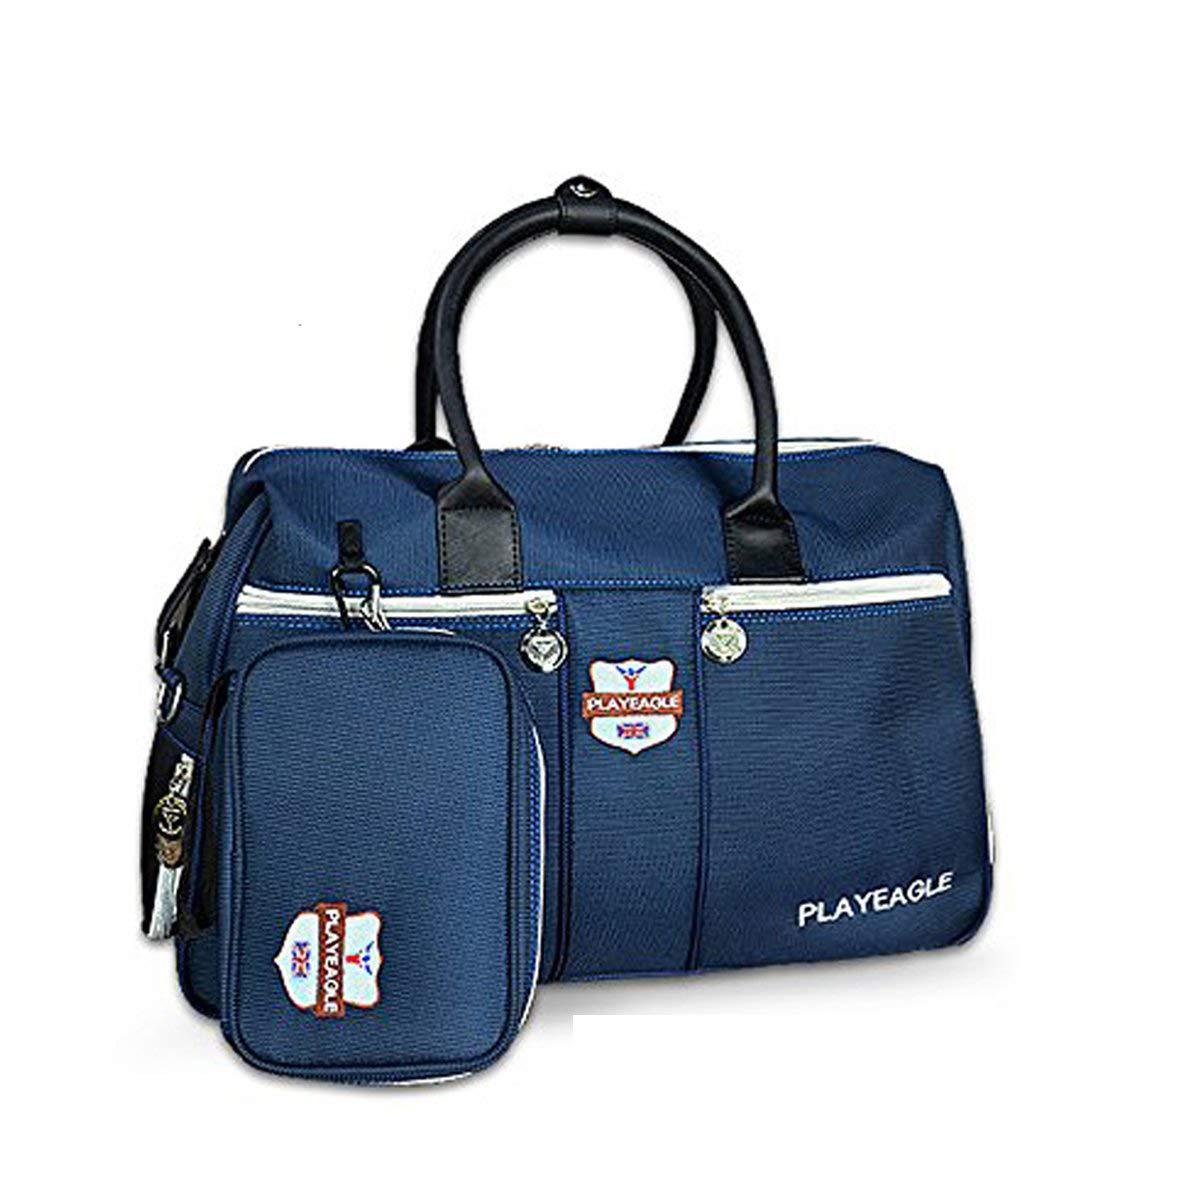 playeagle新しい防水ナイロンゴルフClothingバッグwith靴パッケージゴルフボストンバッグスポーツ旅行バッグ大容量(ブルー)   B079KCSLSN